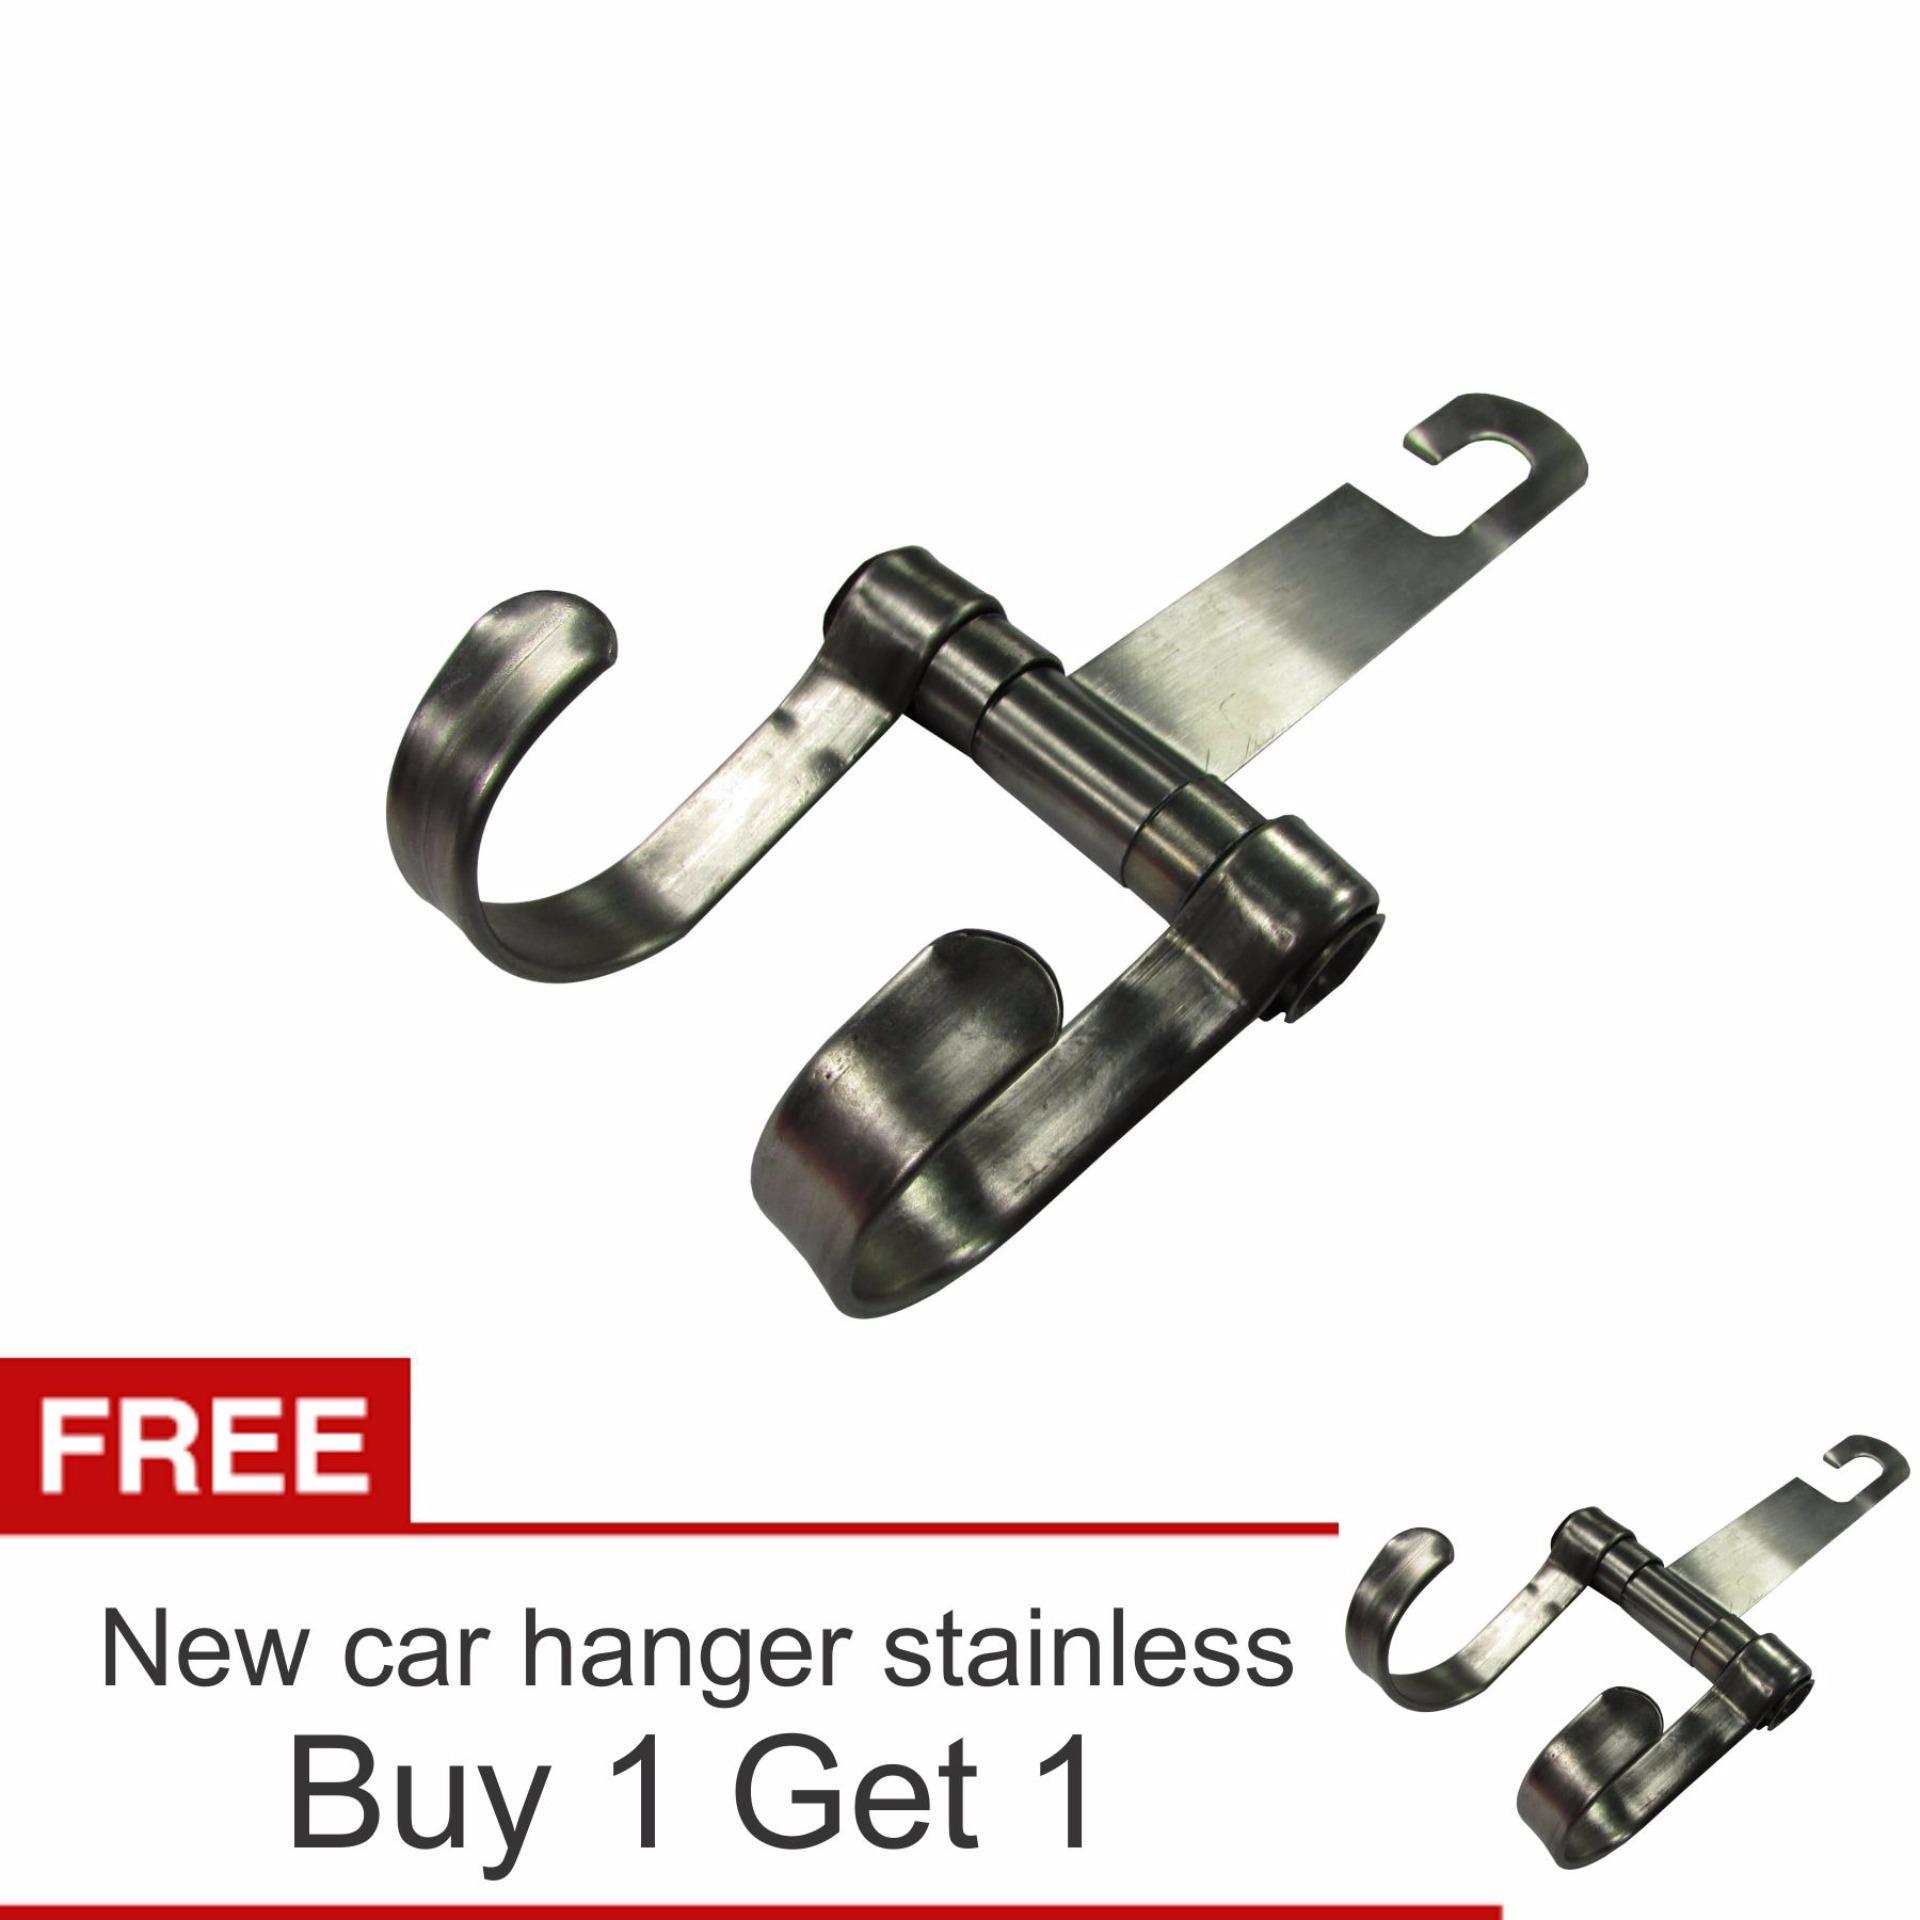 Lanjarjaya New Stainless Steel Car Hanger Aksesoris Gantungan kursijok di Mobil + Buy 1 Get 1